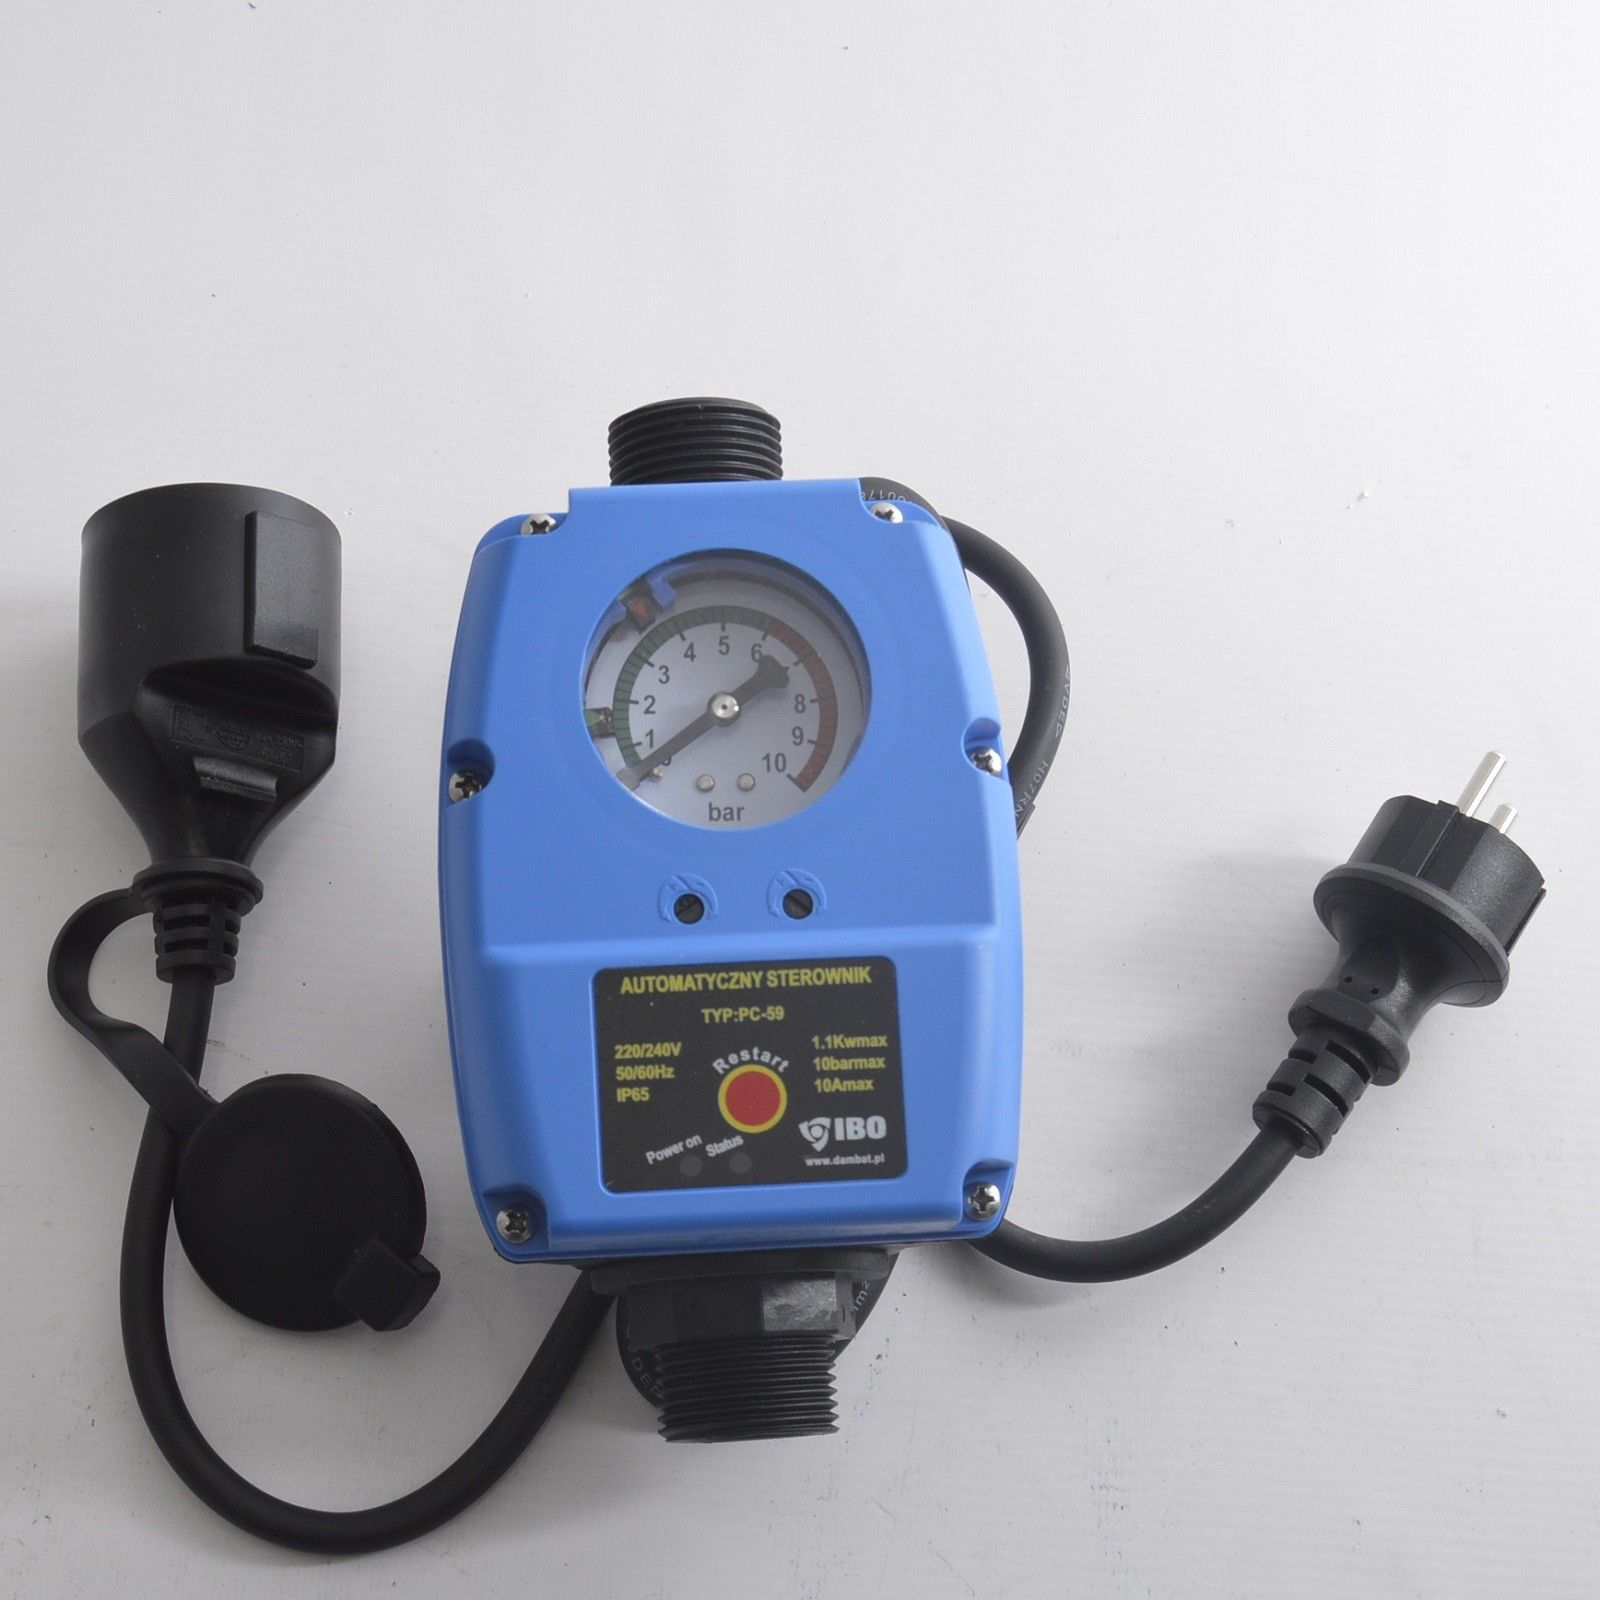 PC-59 Druckschalter Pumpensteuerung 1 Zoll bis 10 bar f/ür Pumpen Druckw/ächter Tiefbrunnenpumpe Trockenlaufschutz